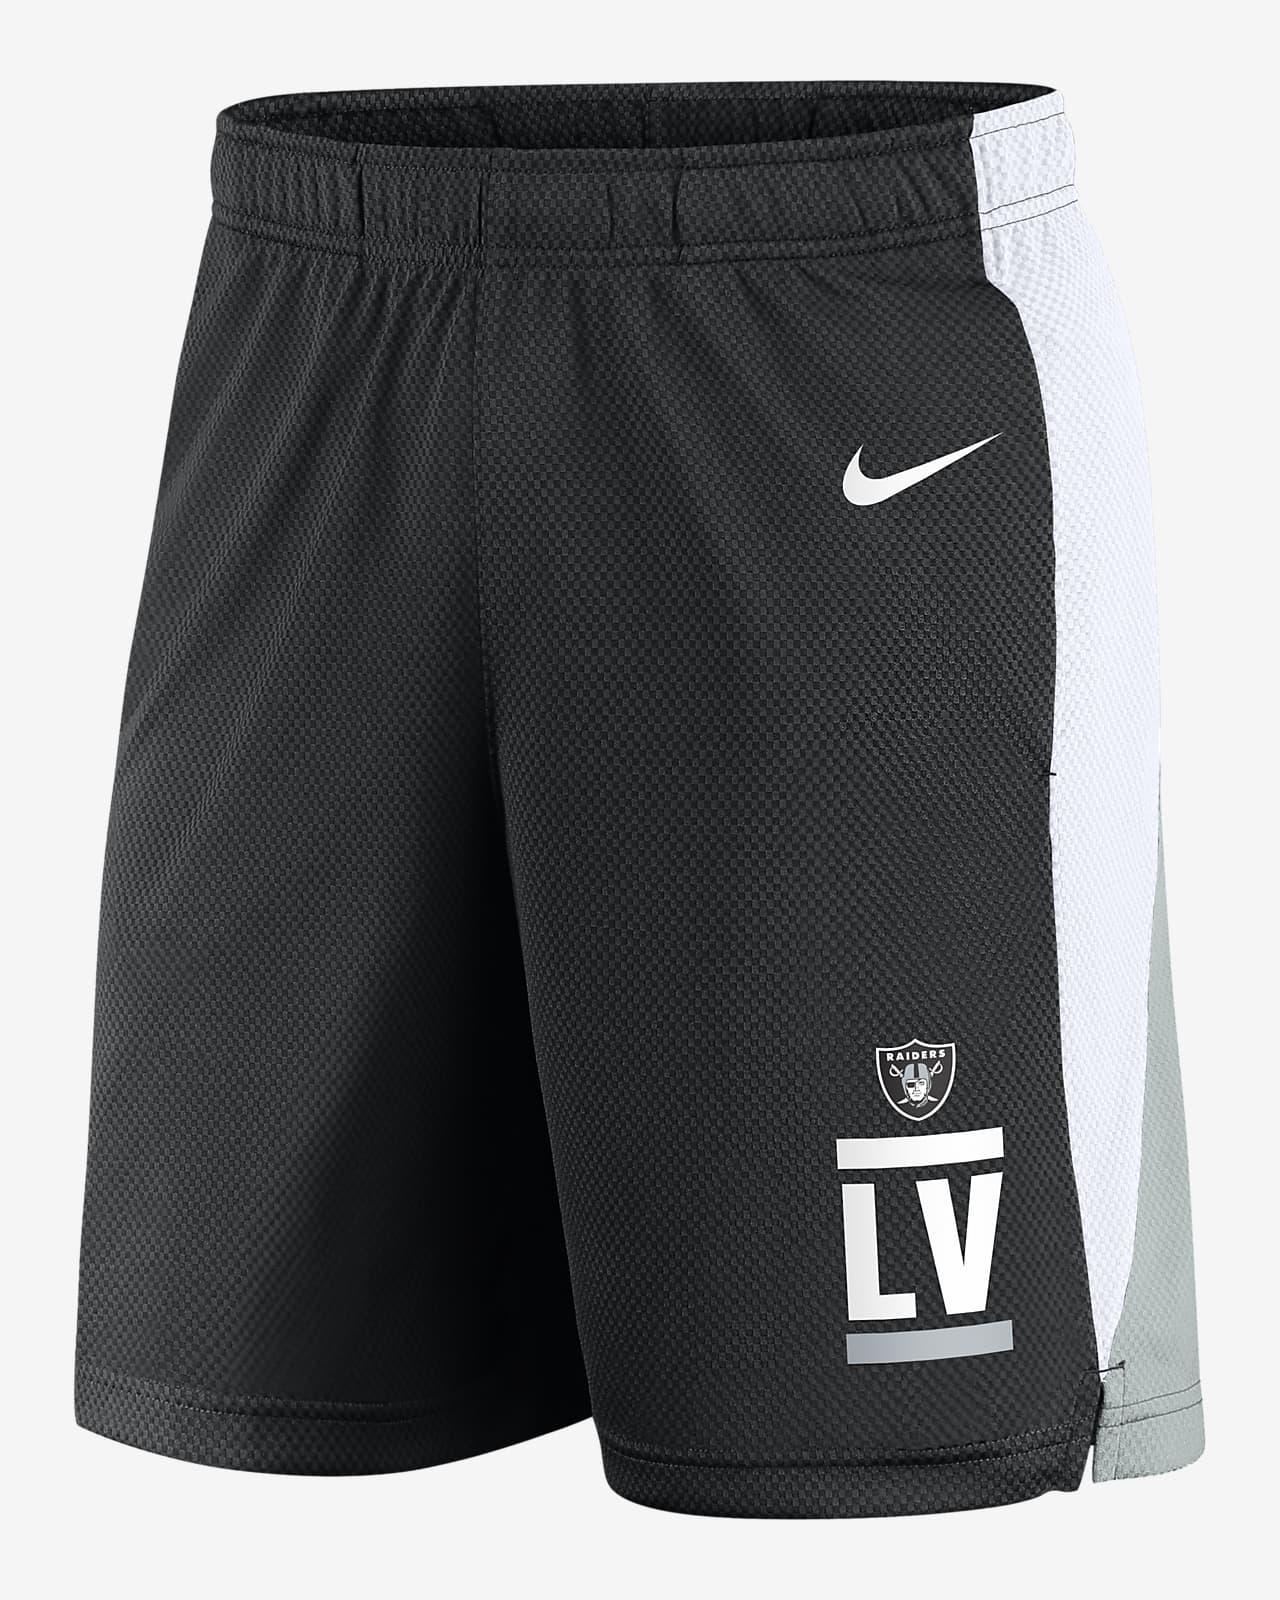 Nike Dri-FIT Broadcast (NFL Las Vegas Raiders) Men's Shorts